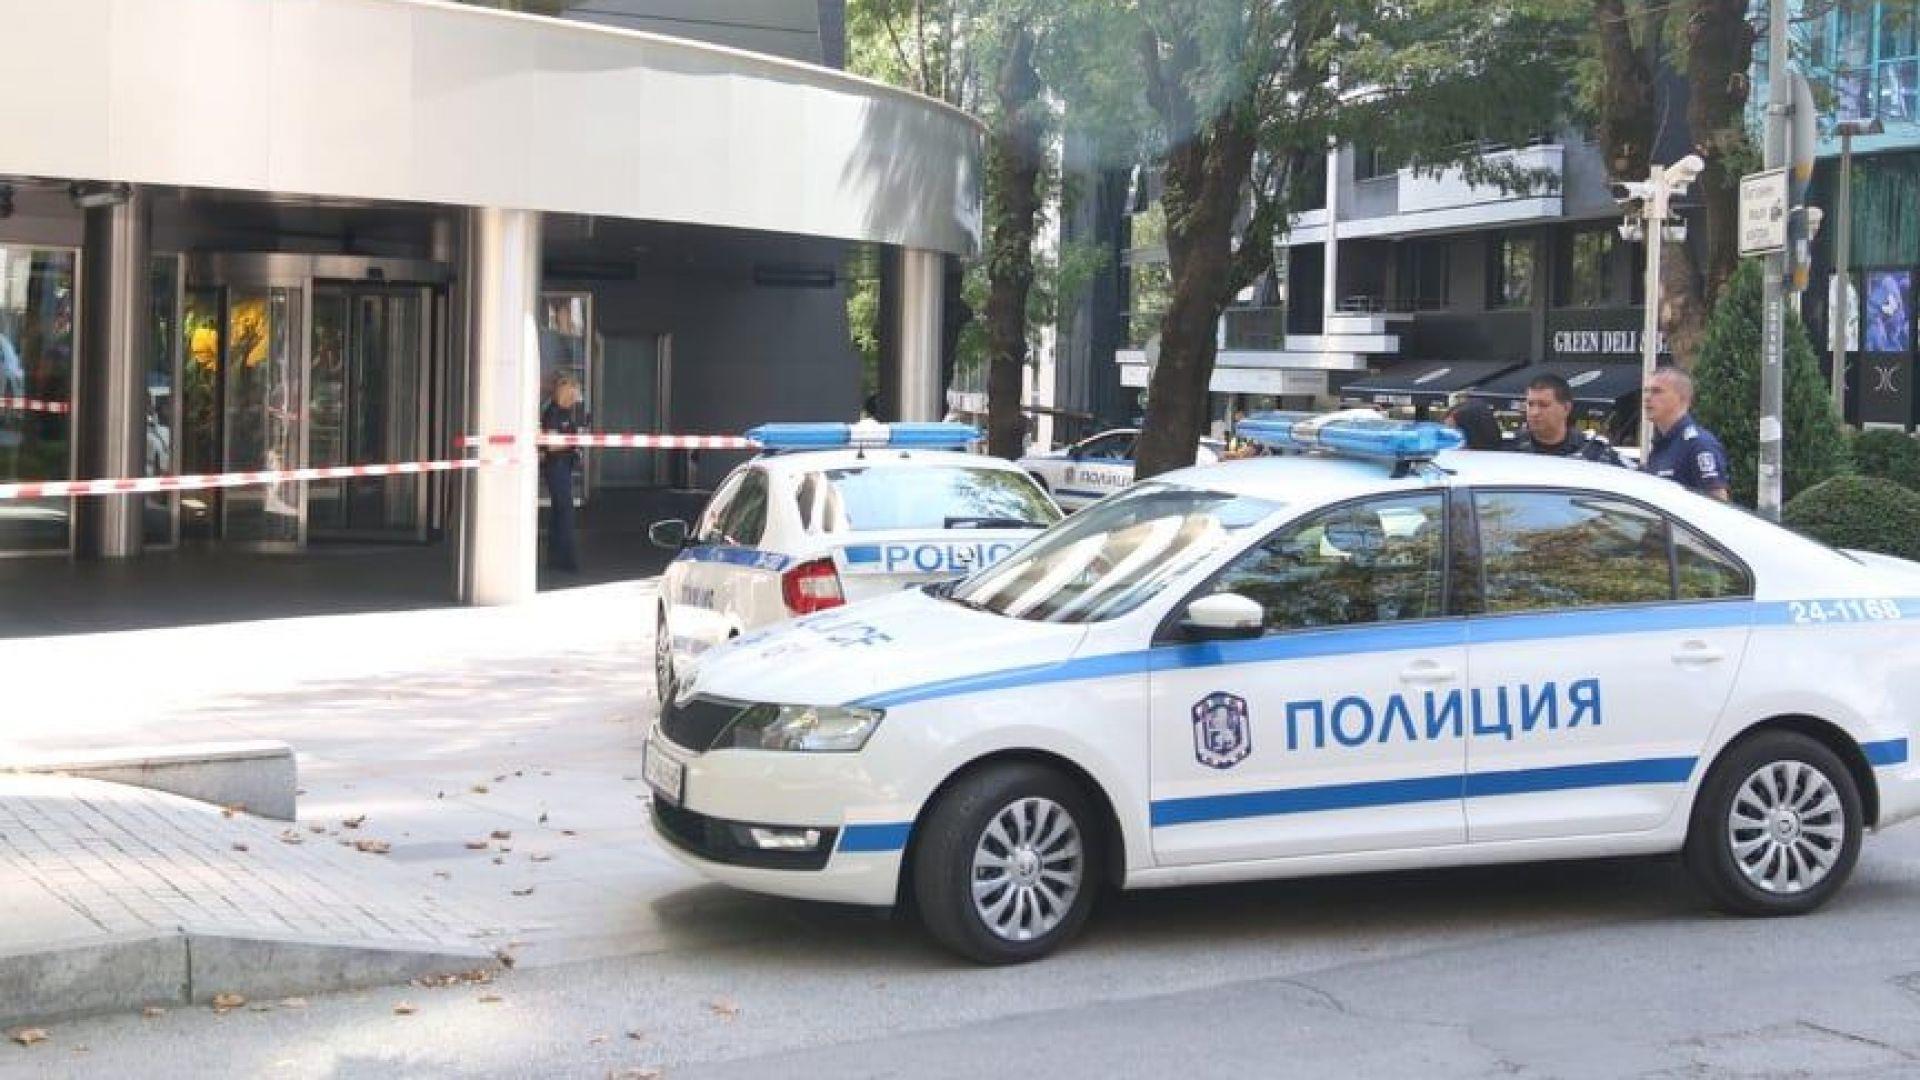 ГДБОП: Заплахите за бомби към медии и летища са от чужбина, целта е да се затрудни работата им